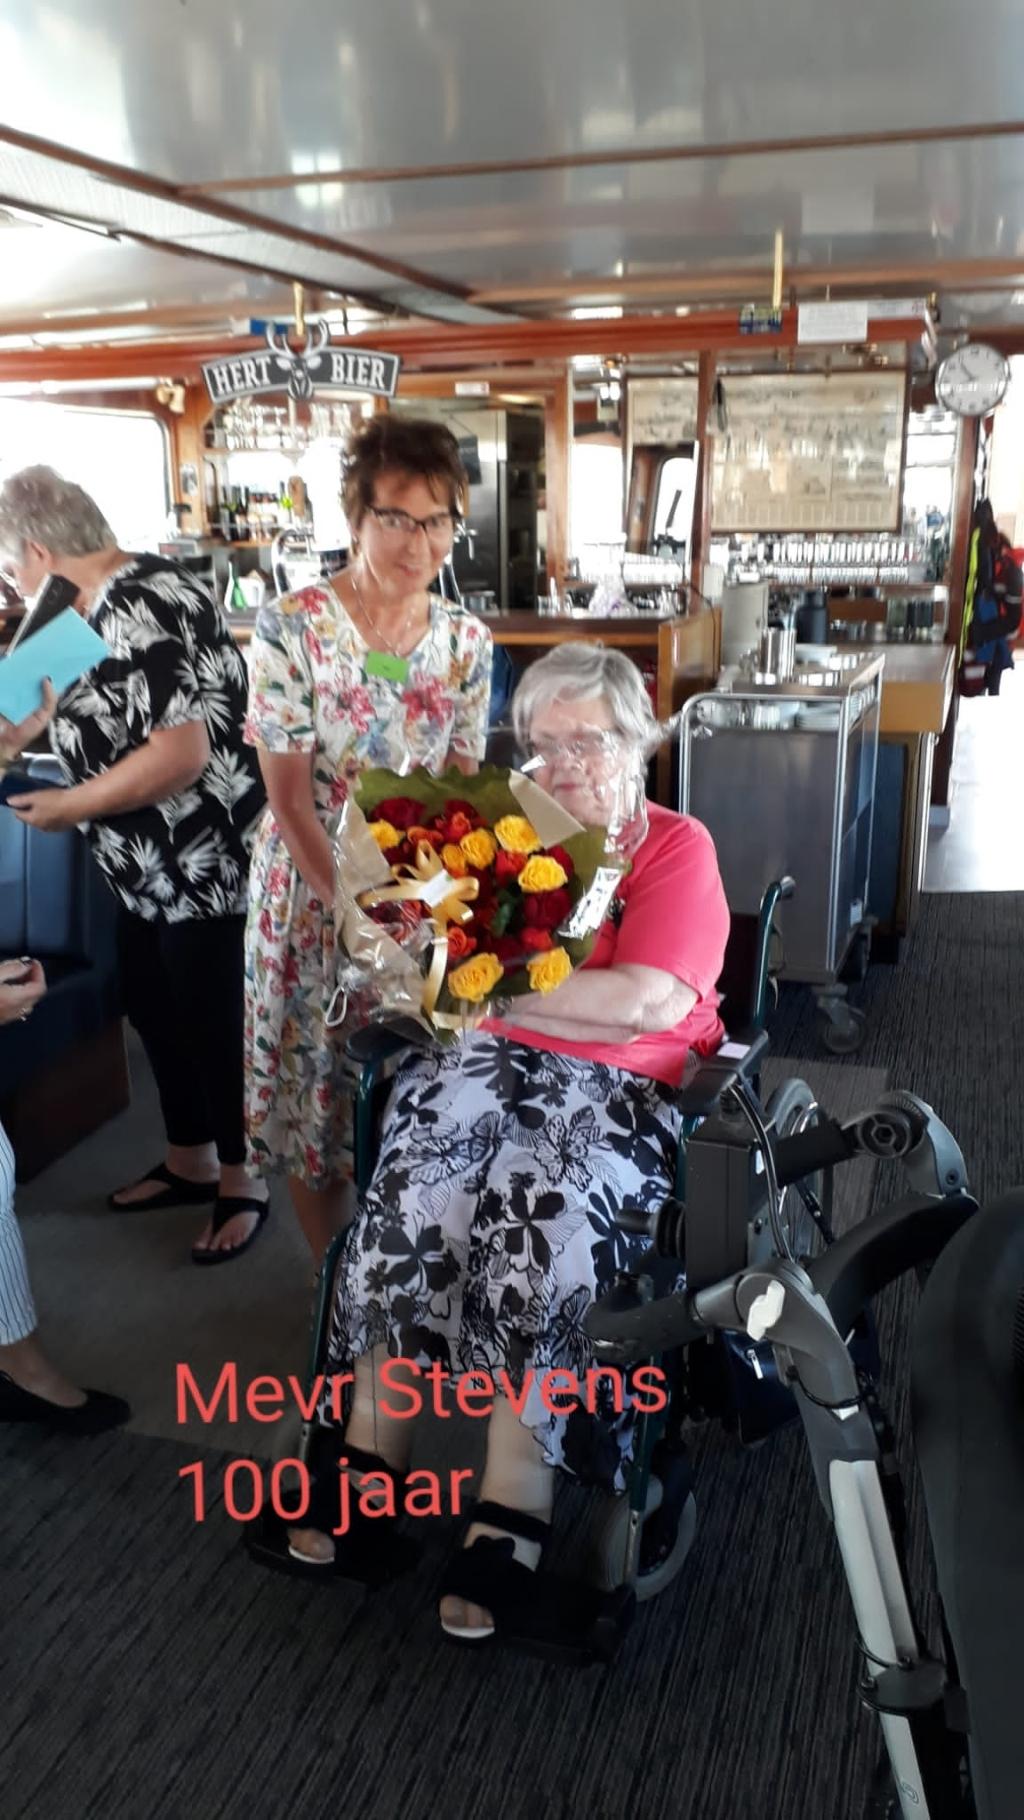 Mevrouw Stevens trakteerde alle gasten en vrijwilligers vanwege haar honderdste verjaardag. Lieneke Meiling © BDU media